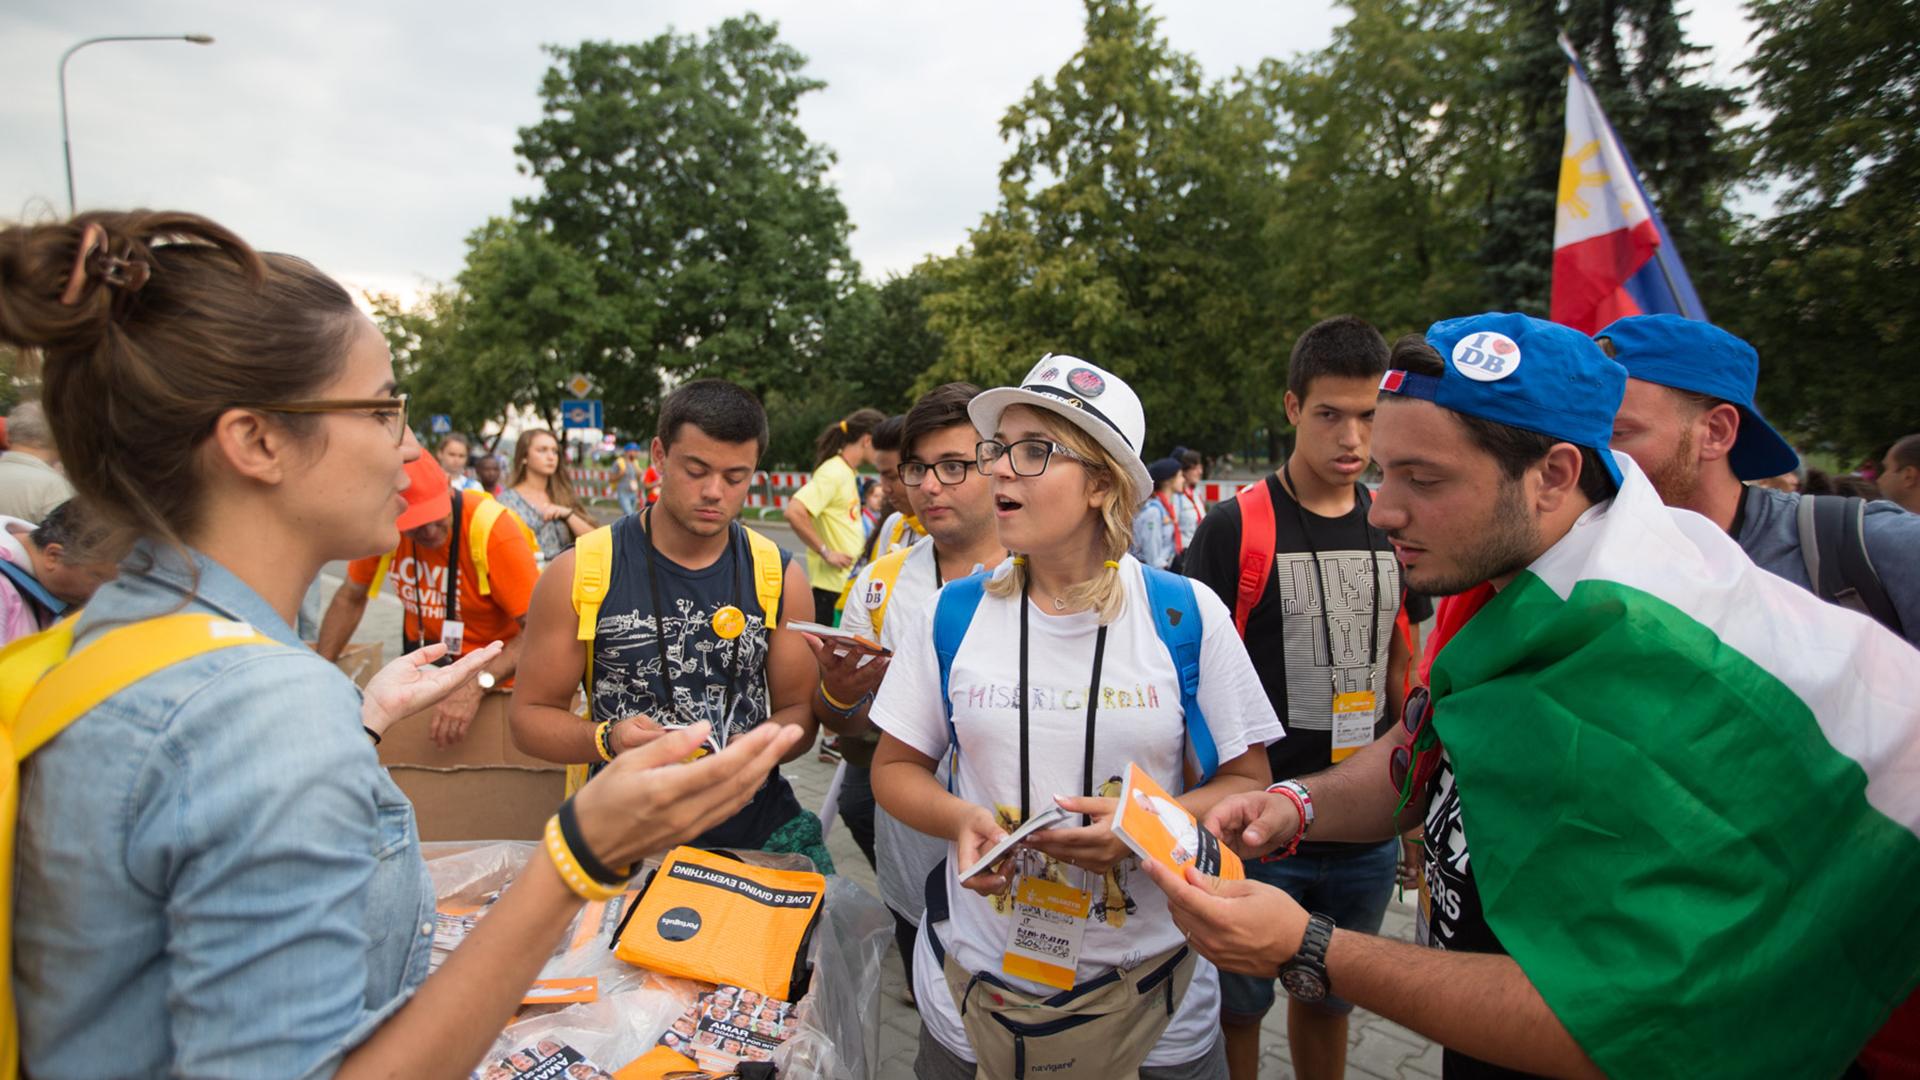 """La distribution d'""""Aimer c'est tout donner"""" près du grand parc de Blonia à Cracovie (Photo: Jean-Claude Gadmer)"""